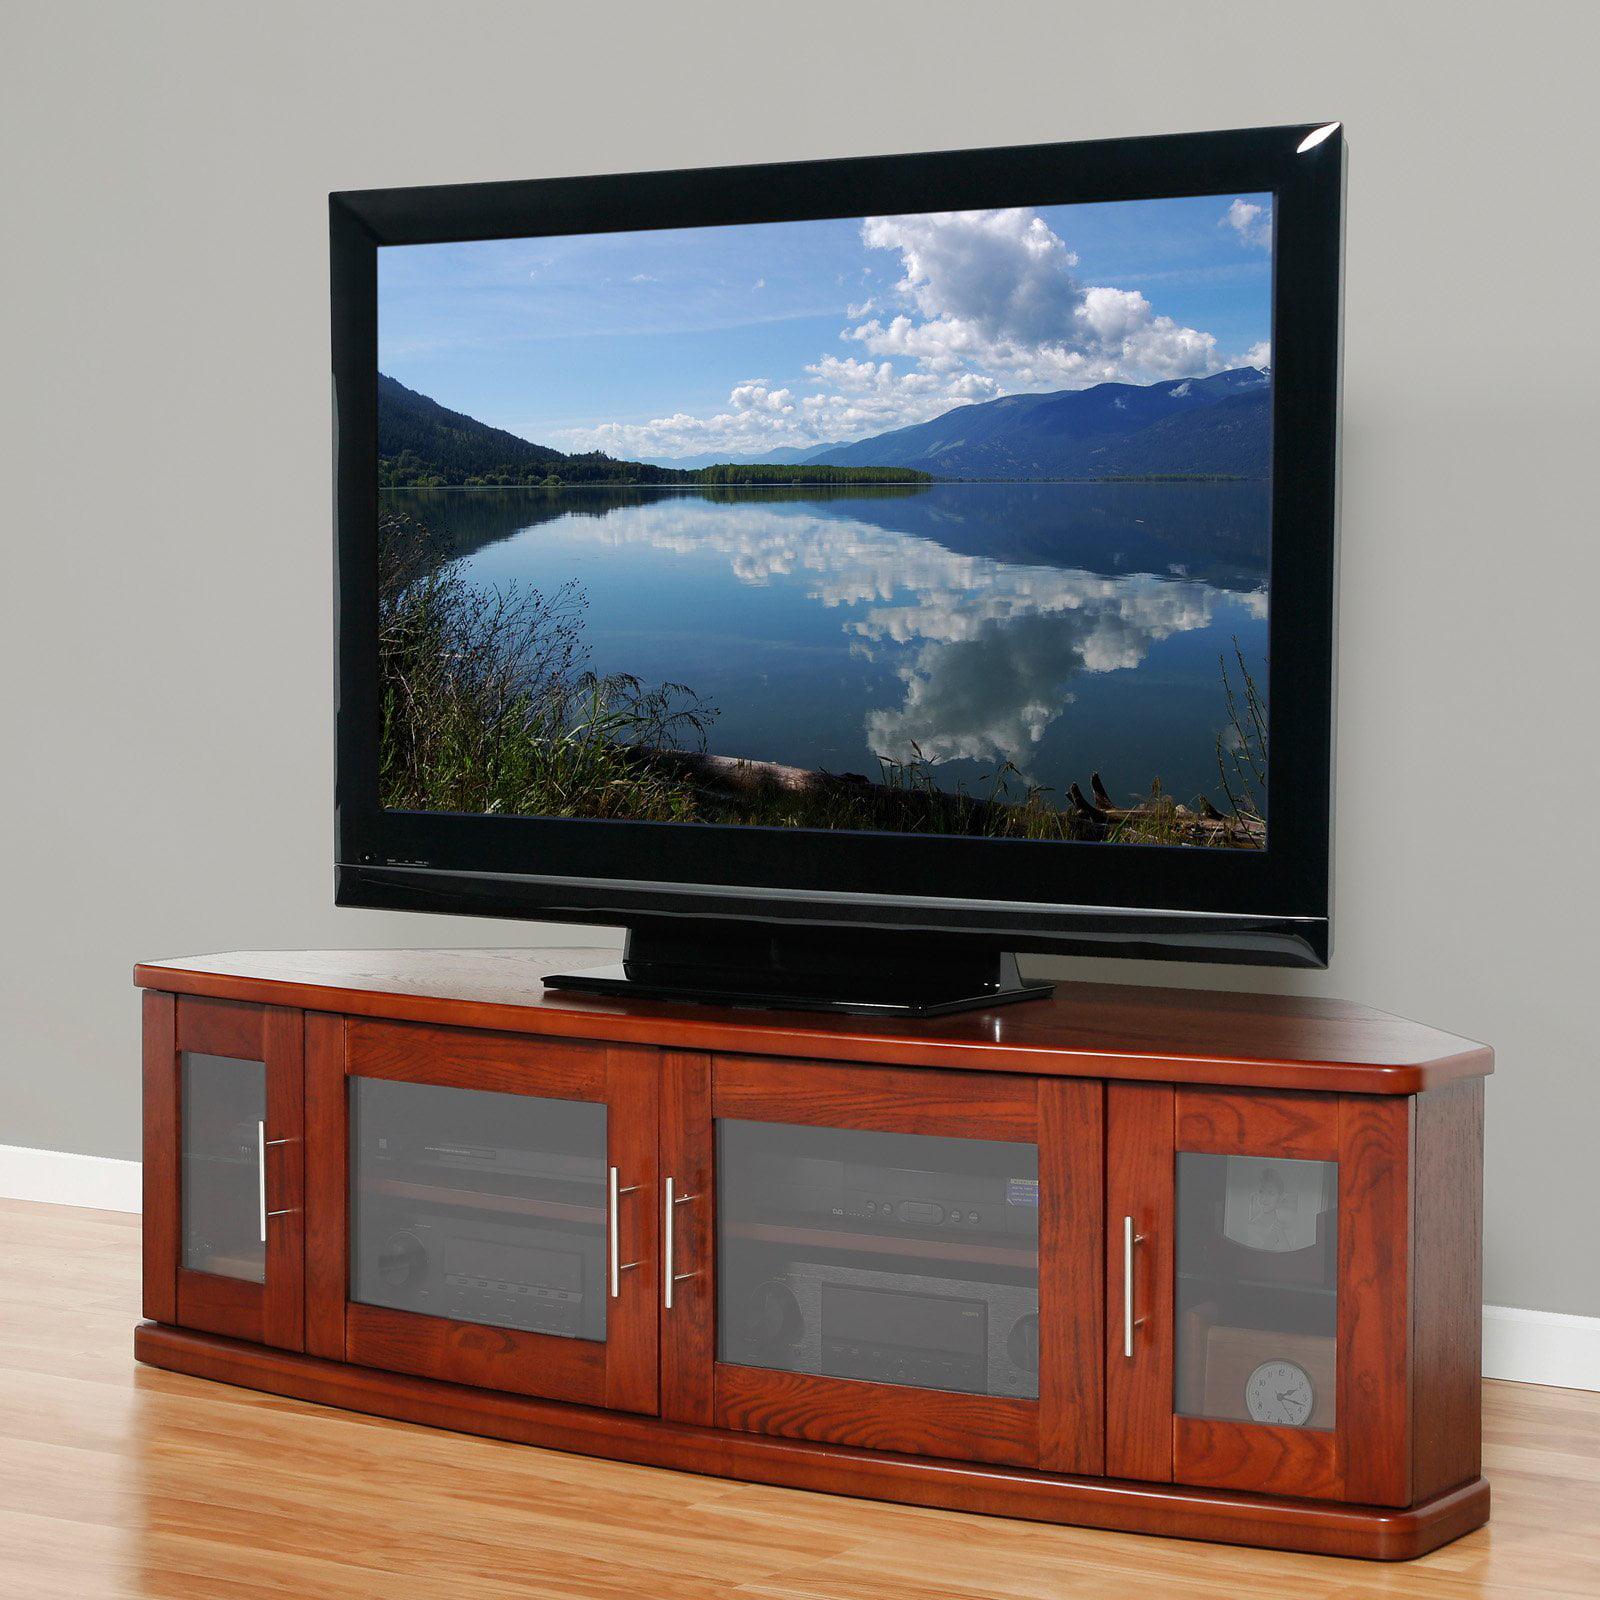 Plateau Newport 62 Inch Corner TV Stand in Walnut